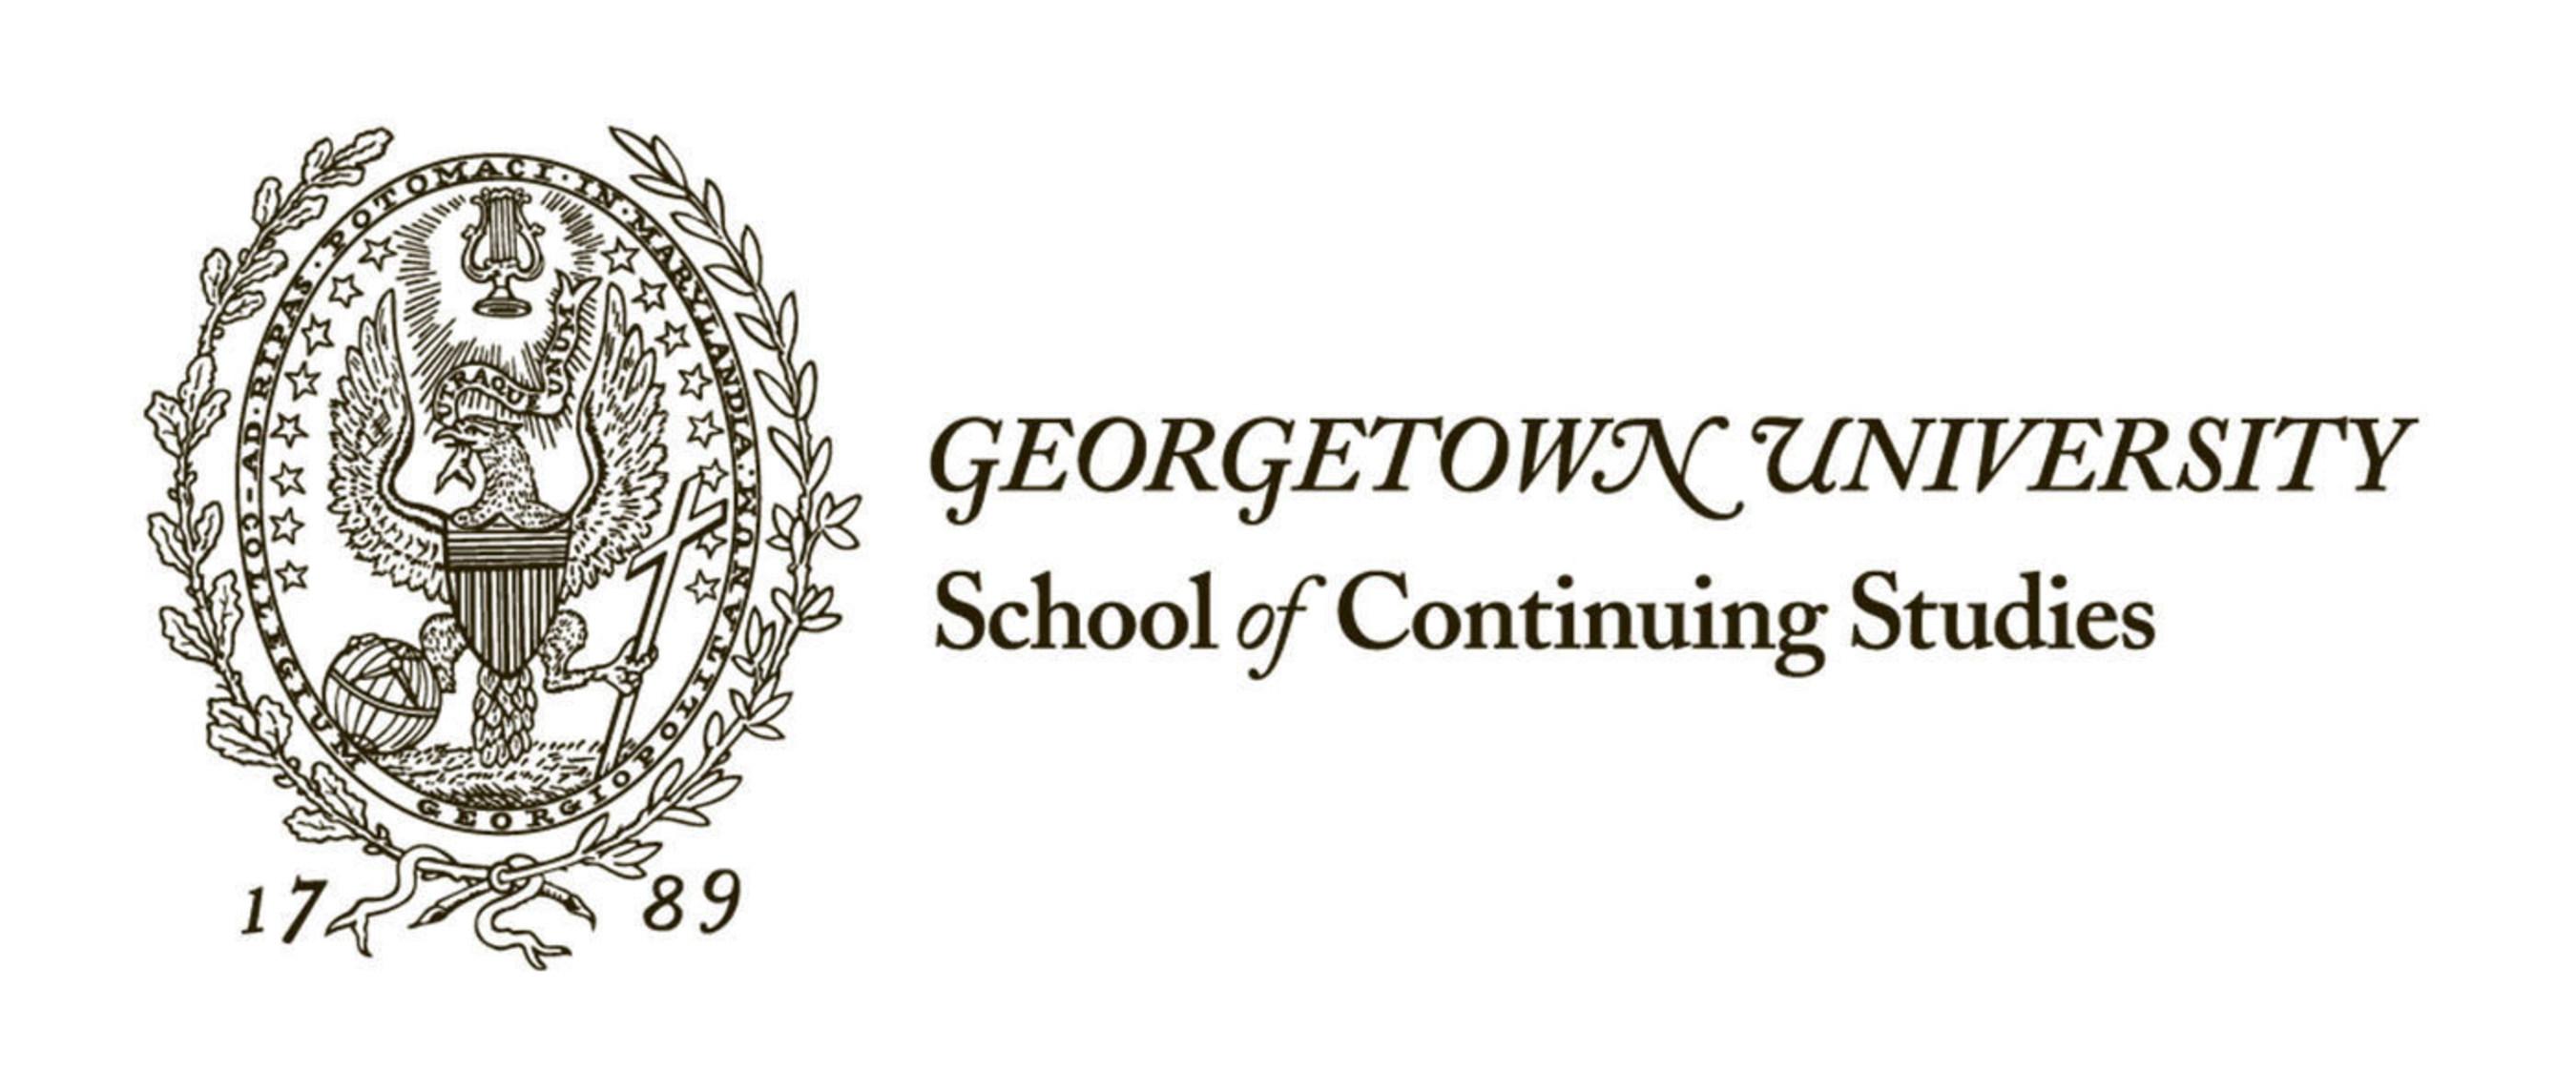 Georgetown University School of Continuing Studies